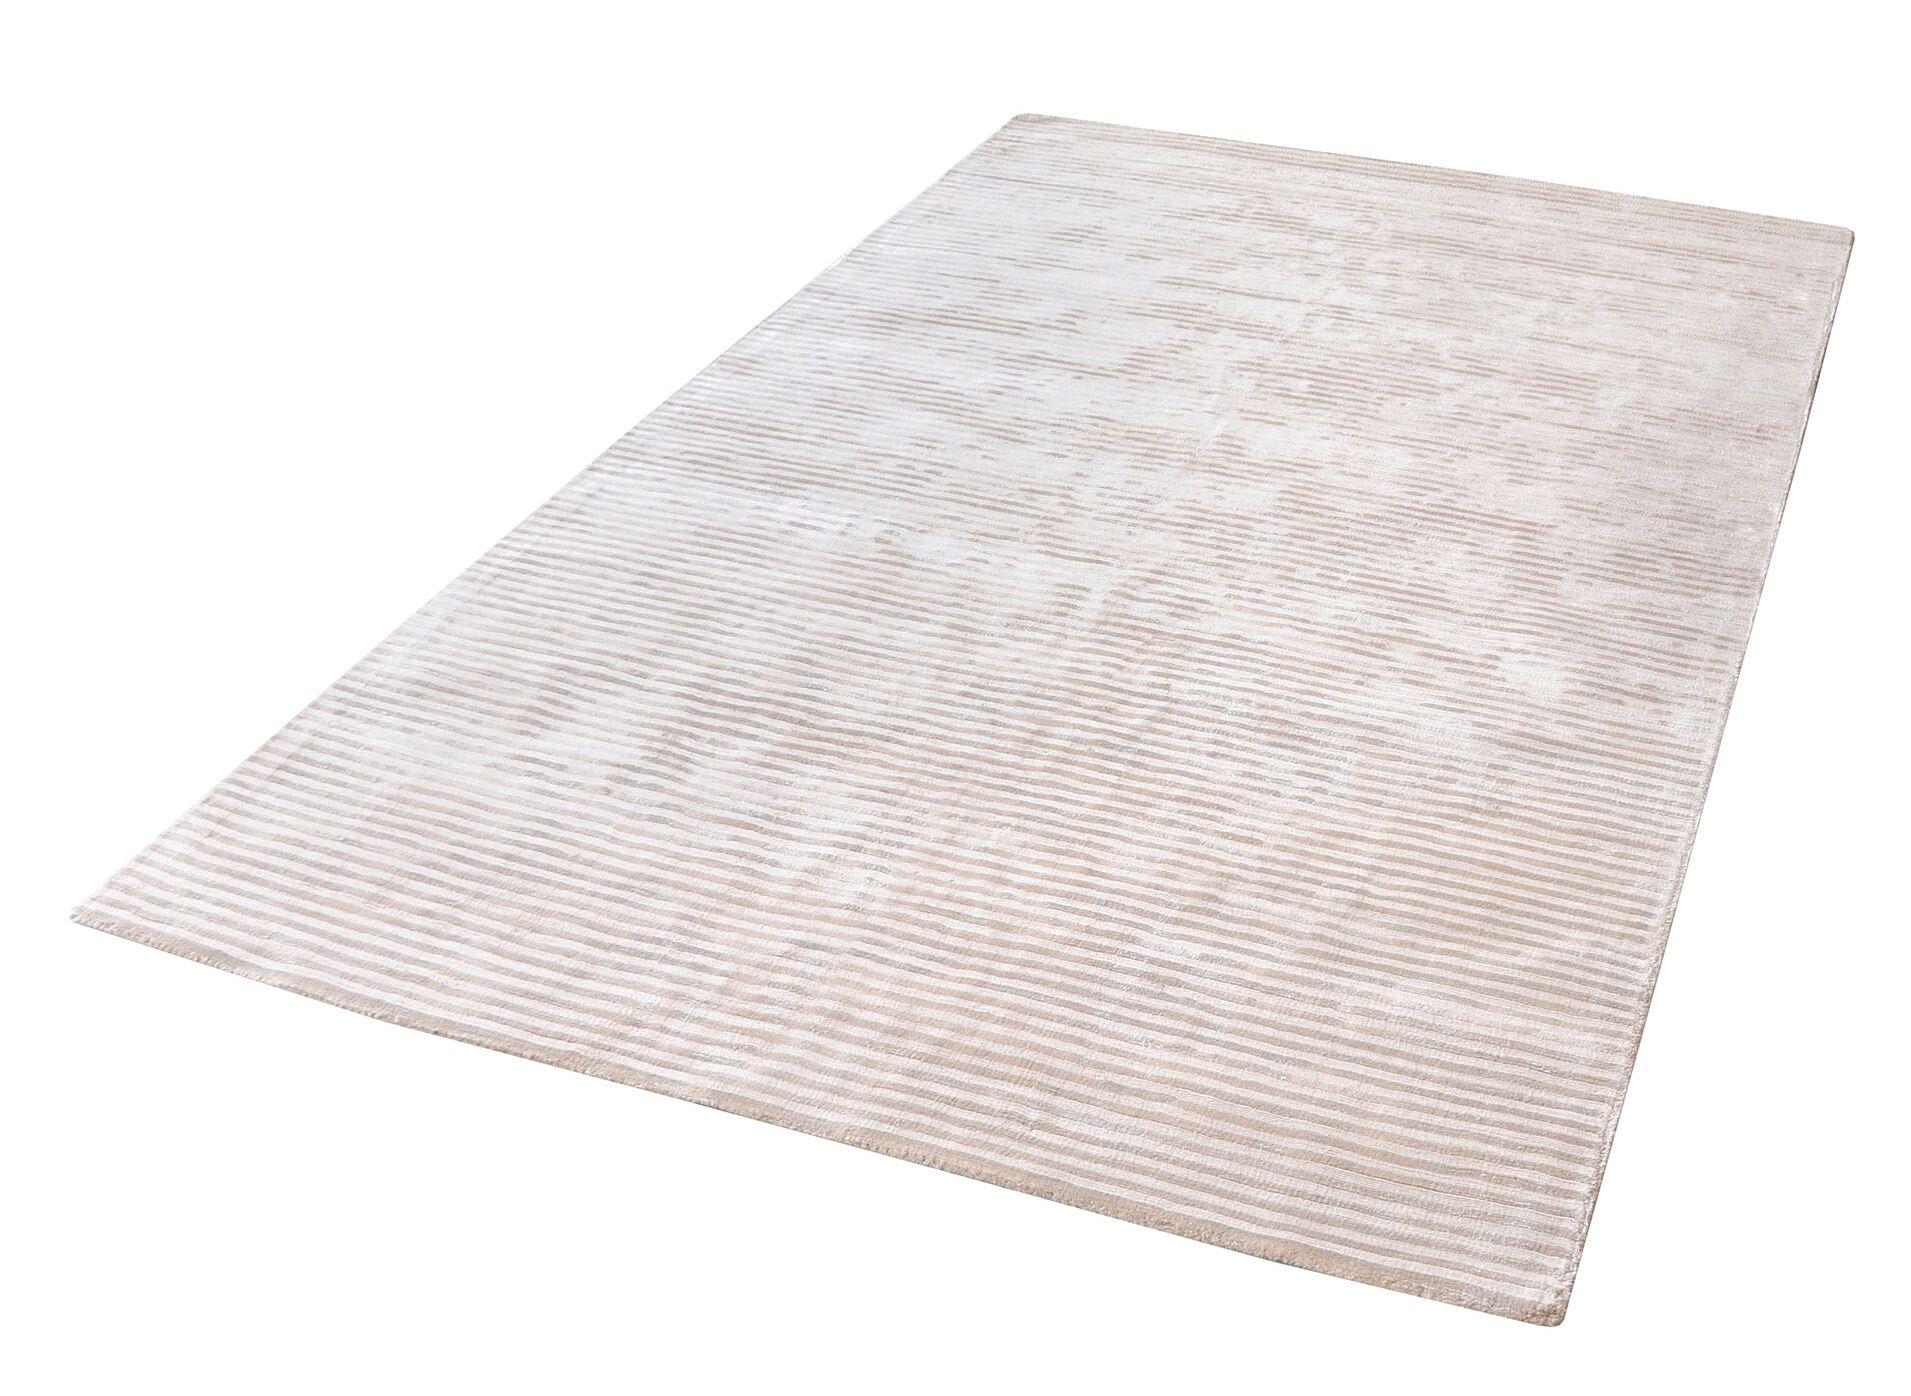 Lulu Hand-Woven Ivory Area Rug Rug Size: Rectangle 8' x 10'